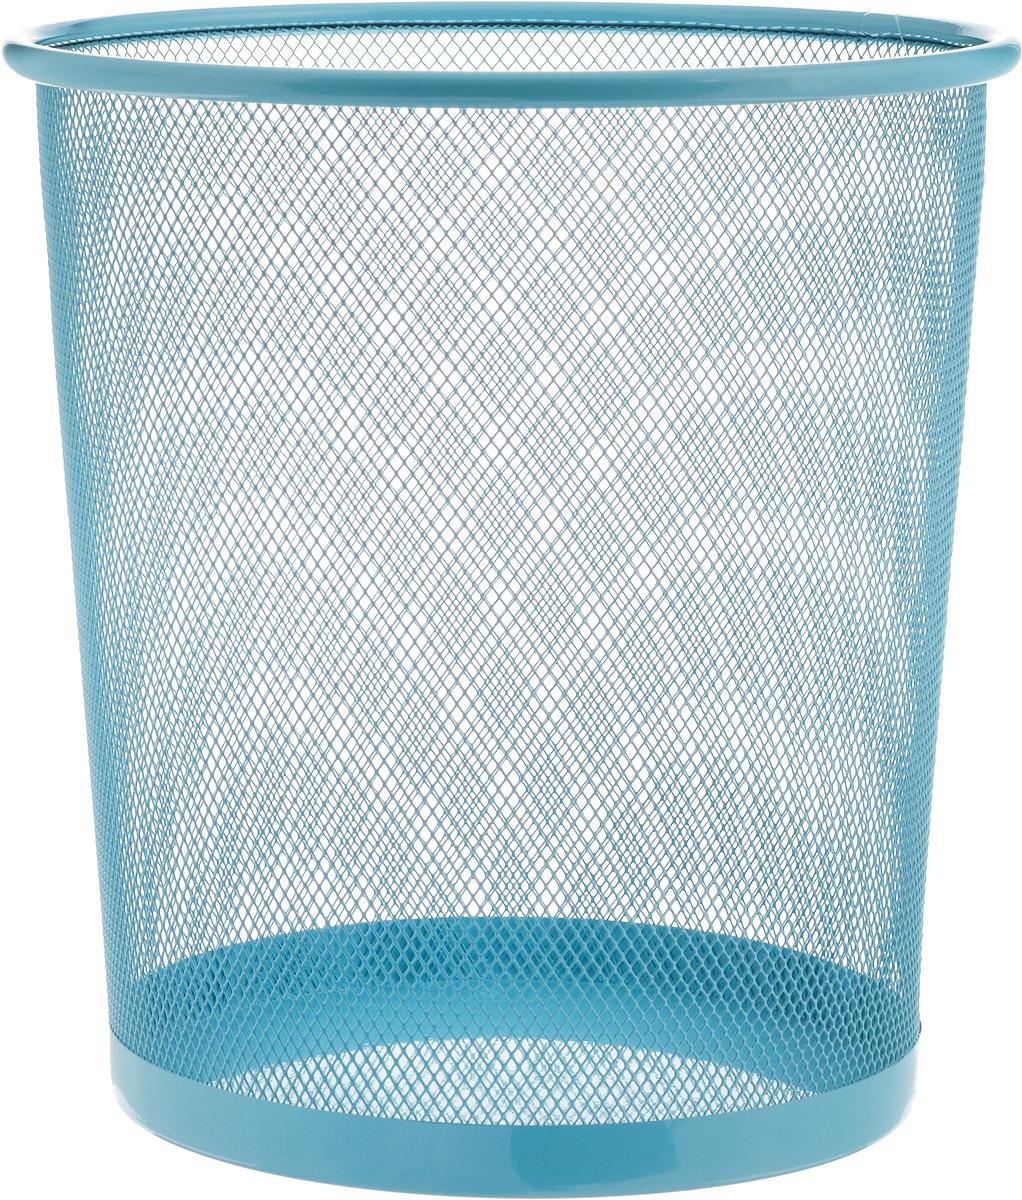 Корзина для мусора Zeller, 26 х 26 х 27,8 см17734Оригинальная корзина для мусора Zeller изготовлена из высококачественного металла. Такое изделие идеально подходит для использования как дома, так и в офисе. Корзина имеет сплошное дно, а стенки изделия оформлены перфорацией в виде сетки. Стильный дизайн и яркая расцветка прекрасно подойдет для любого интерьера. Диаметр (по верхнему краю): 26 см. Высота: 27,8 см.